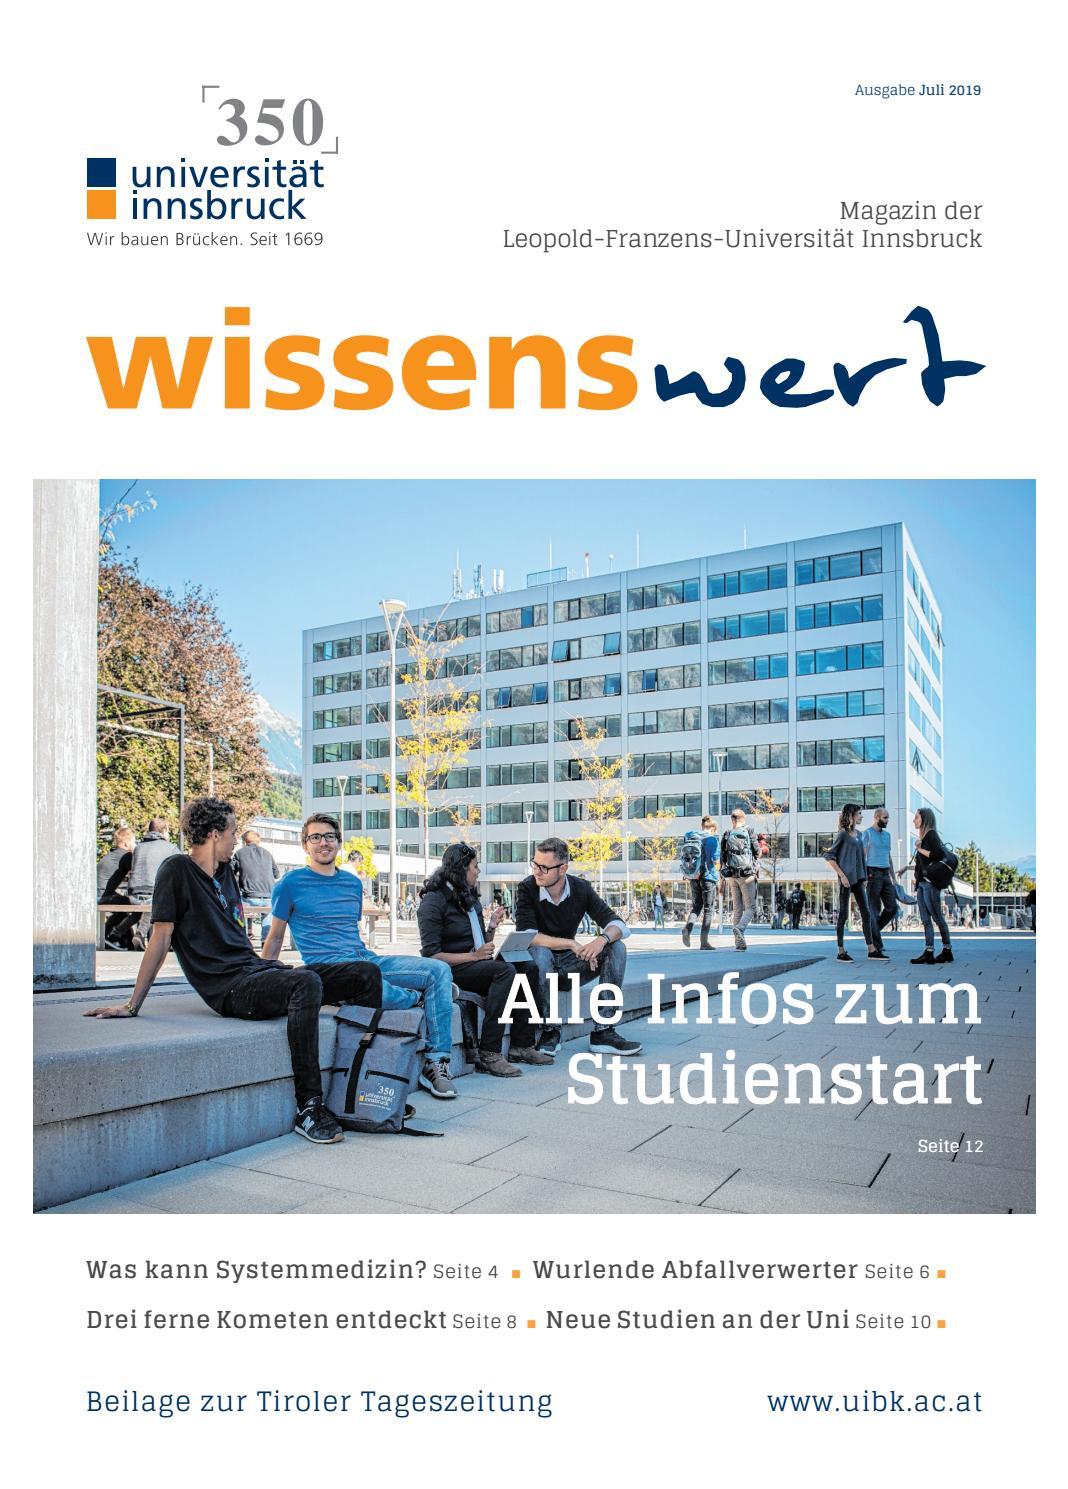 Studium in Tirol | Hochschulen & Infos auf zarell.com